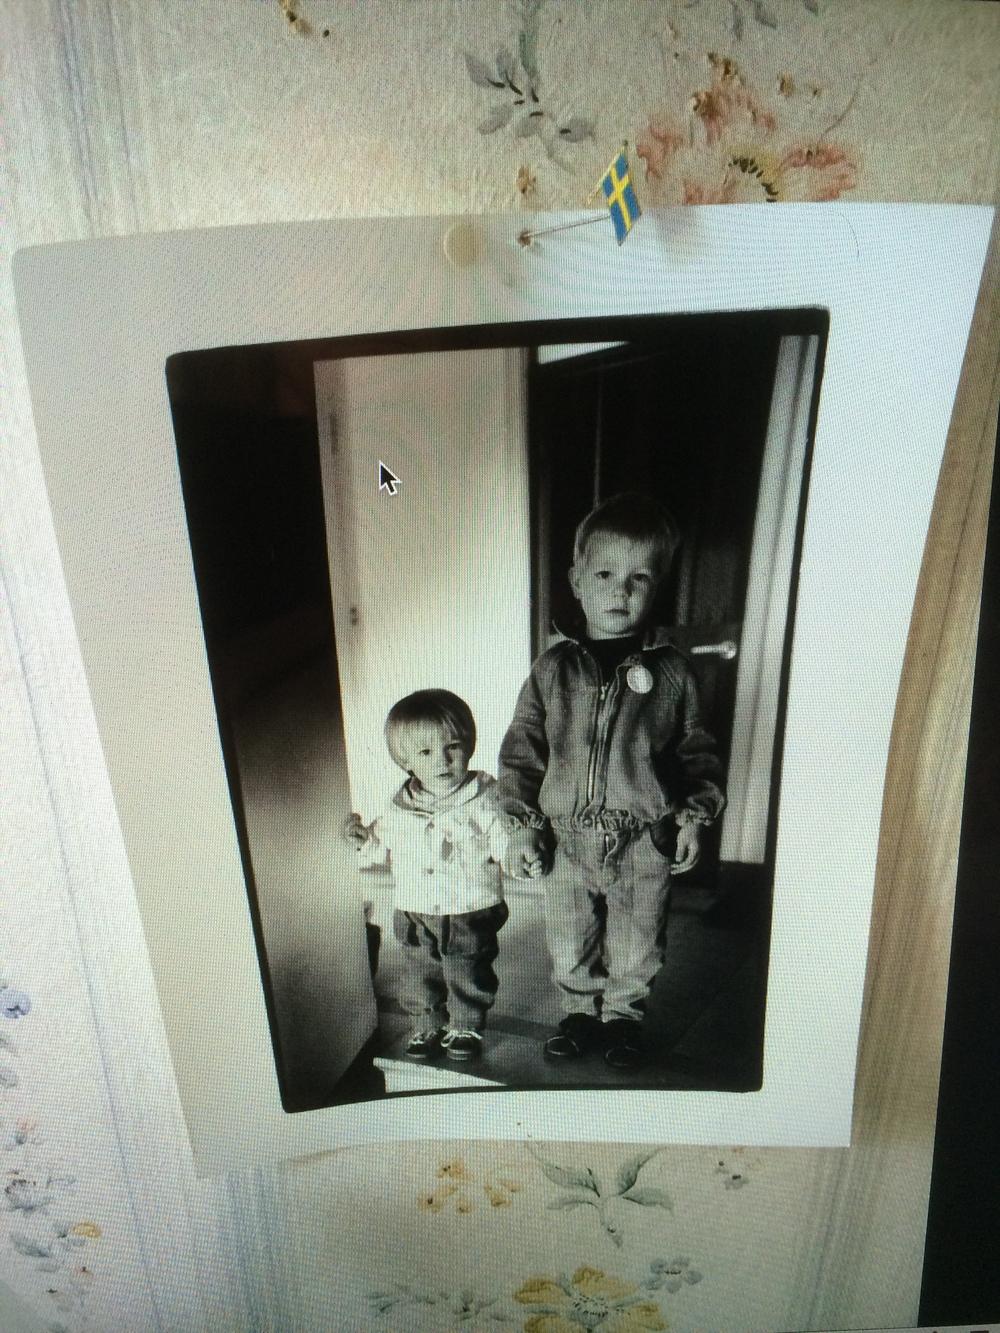 barnen1988.jepg